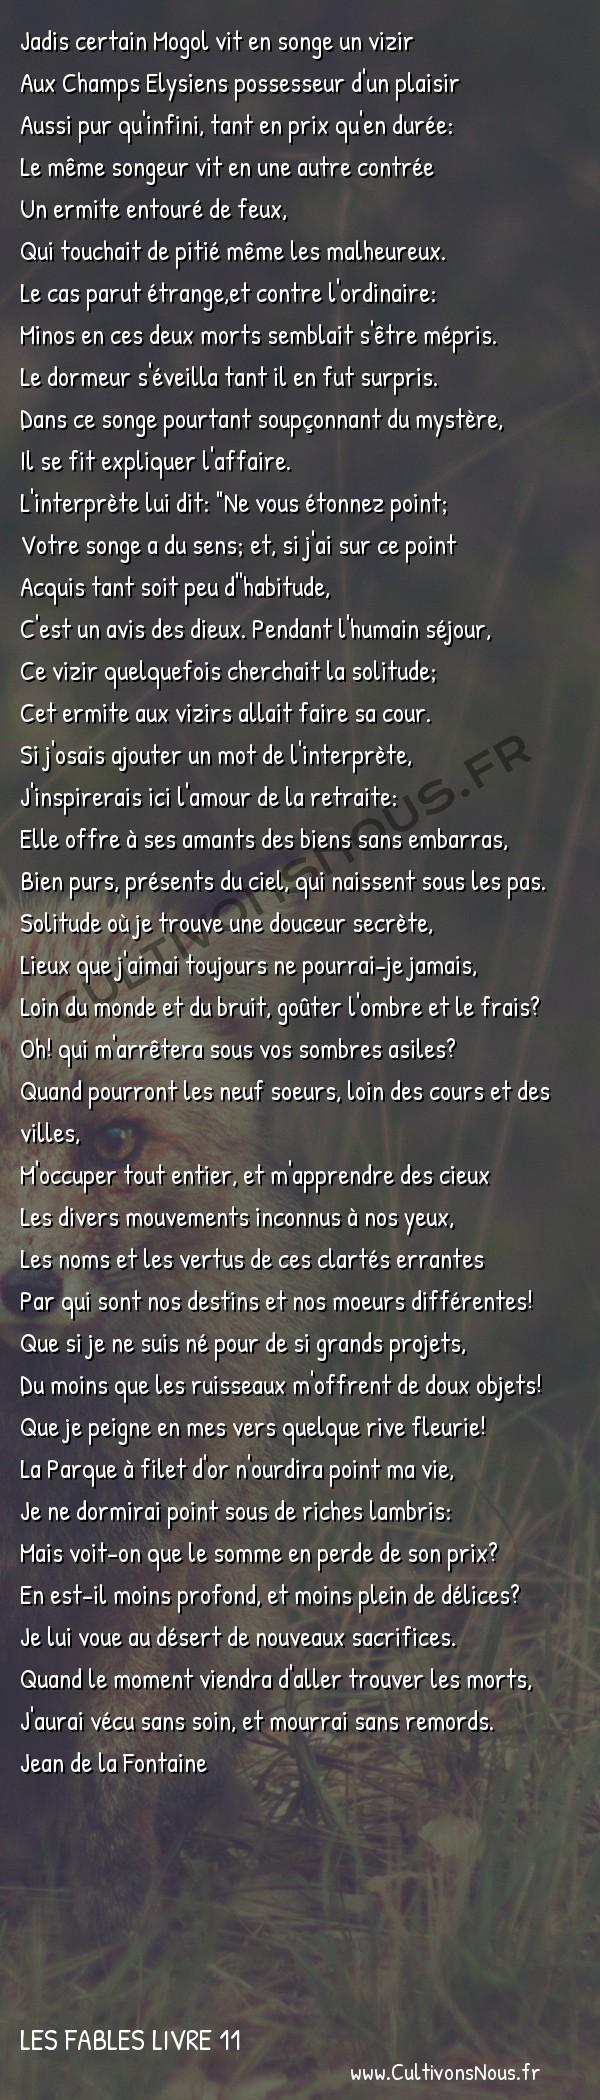 Fables Jean de la Fontaine - Les fables Livre 11 - Le songe d'un habitant du Mogol -   Jadis certain Mogol vit en songe un vizir Aux Champs Elysiens possesseur d'un plaisir